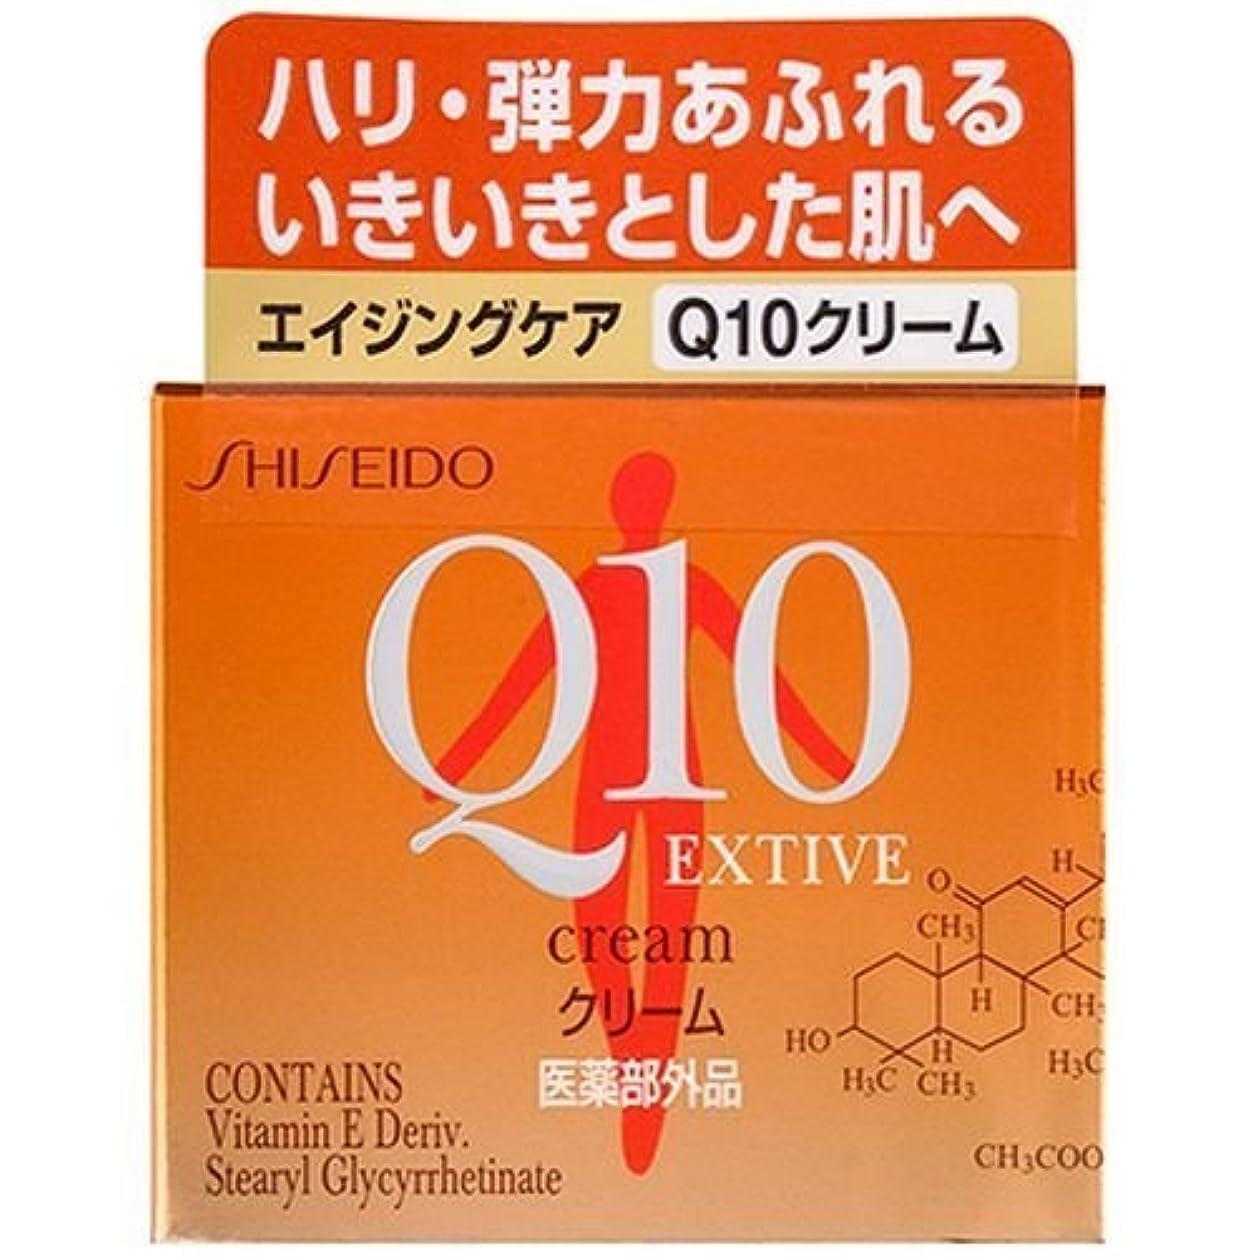 鏡アクセサリー急流資生堂 Q10 クリーム 30g (エクティブクリーム)